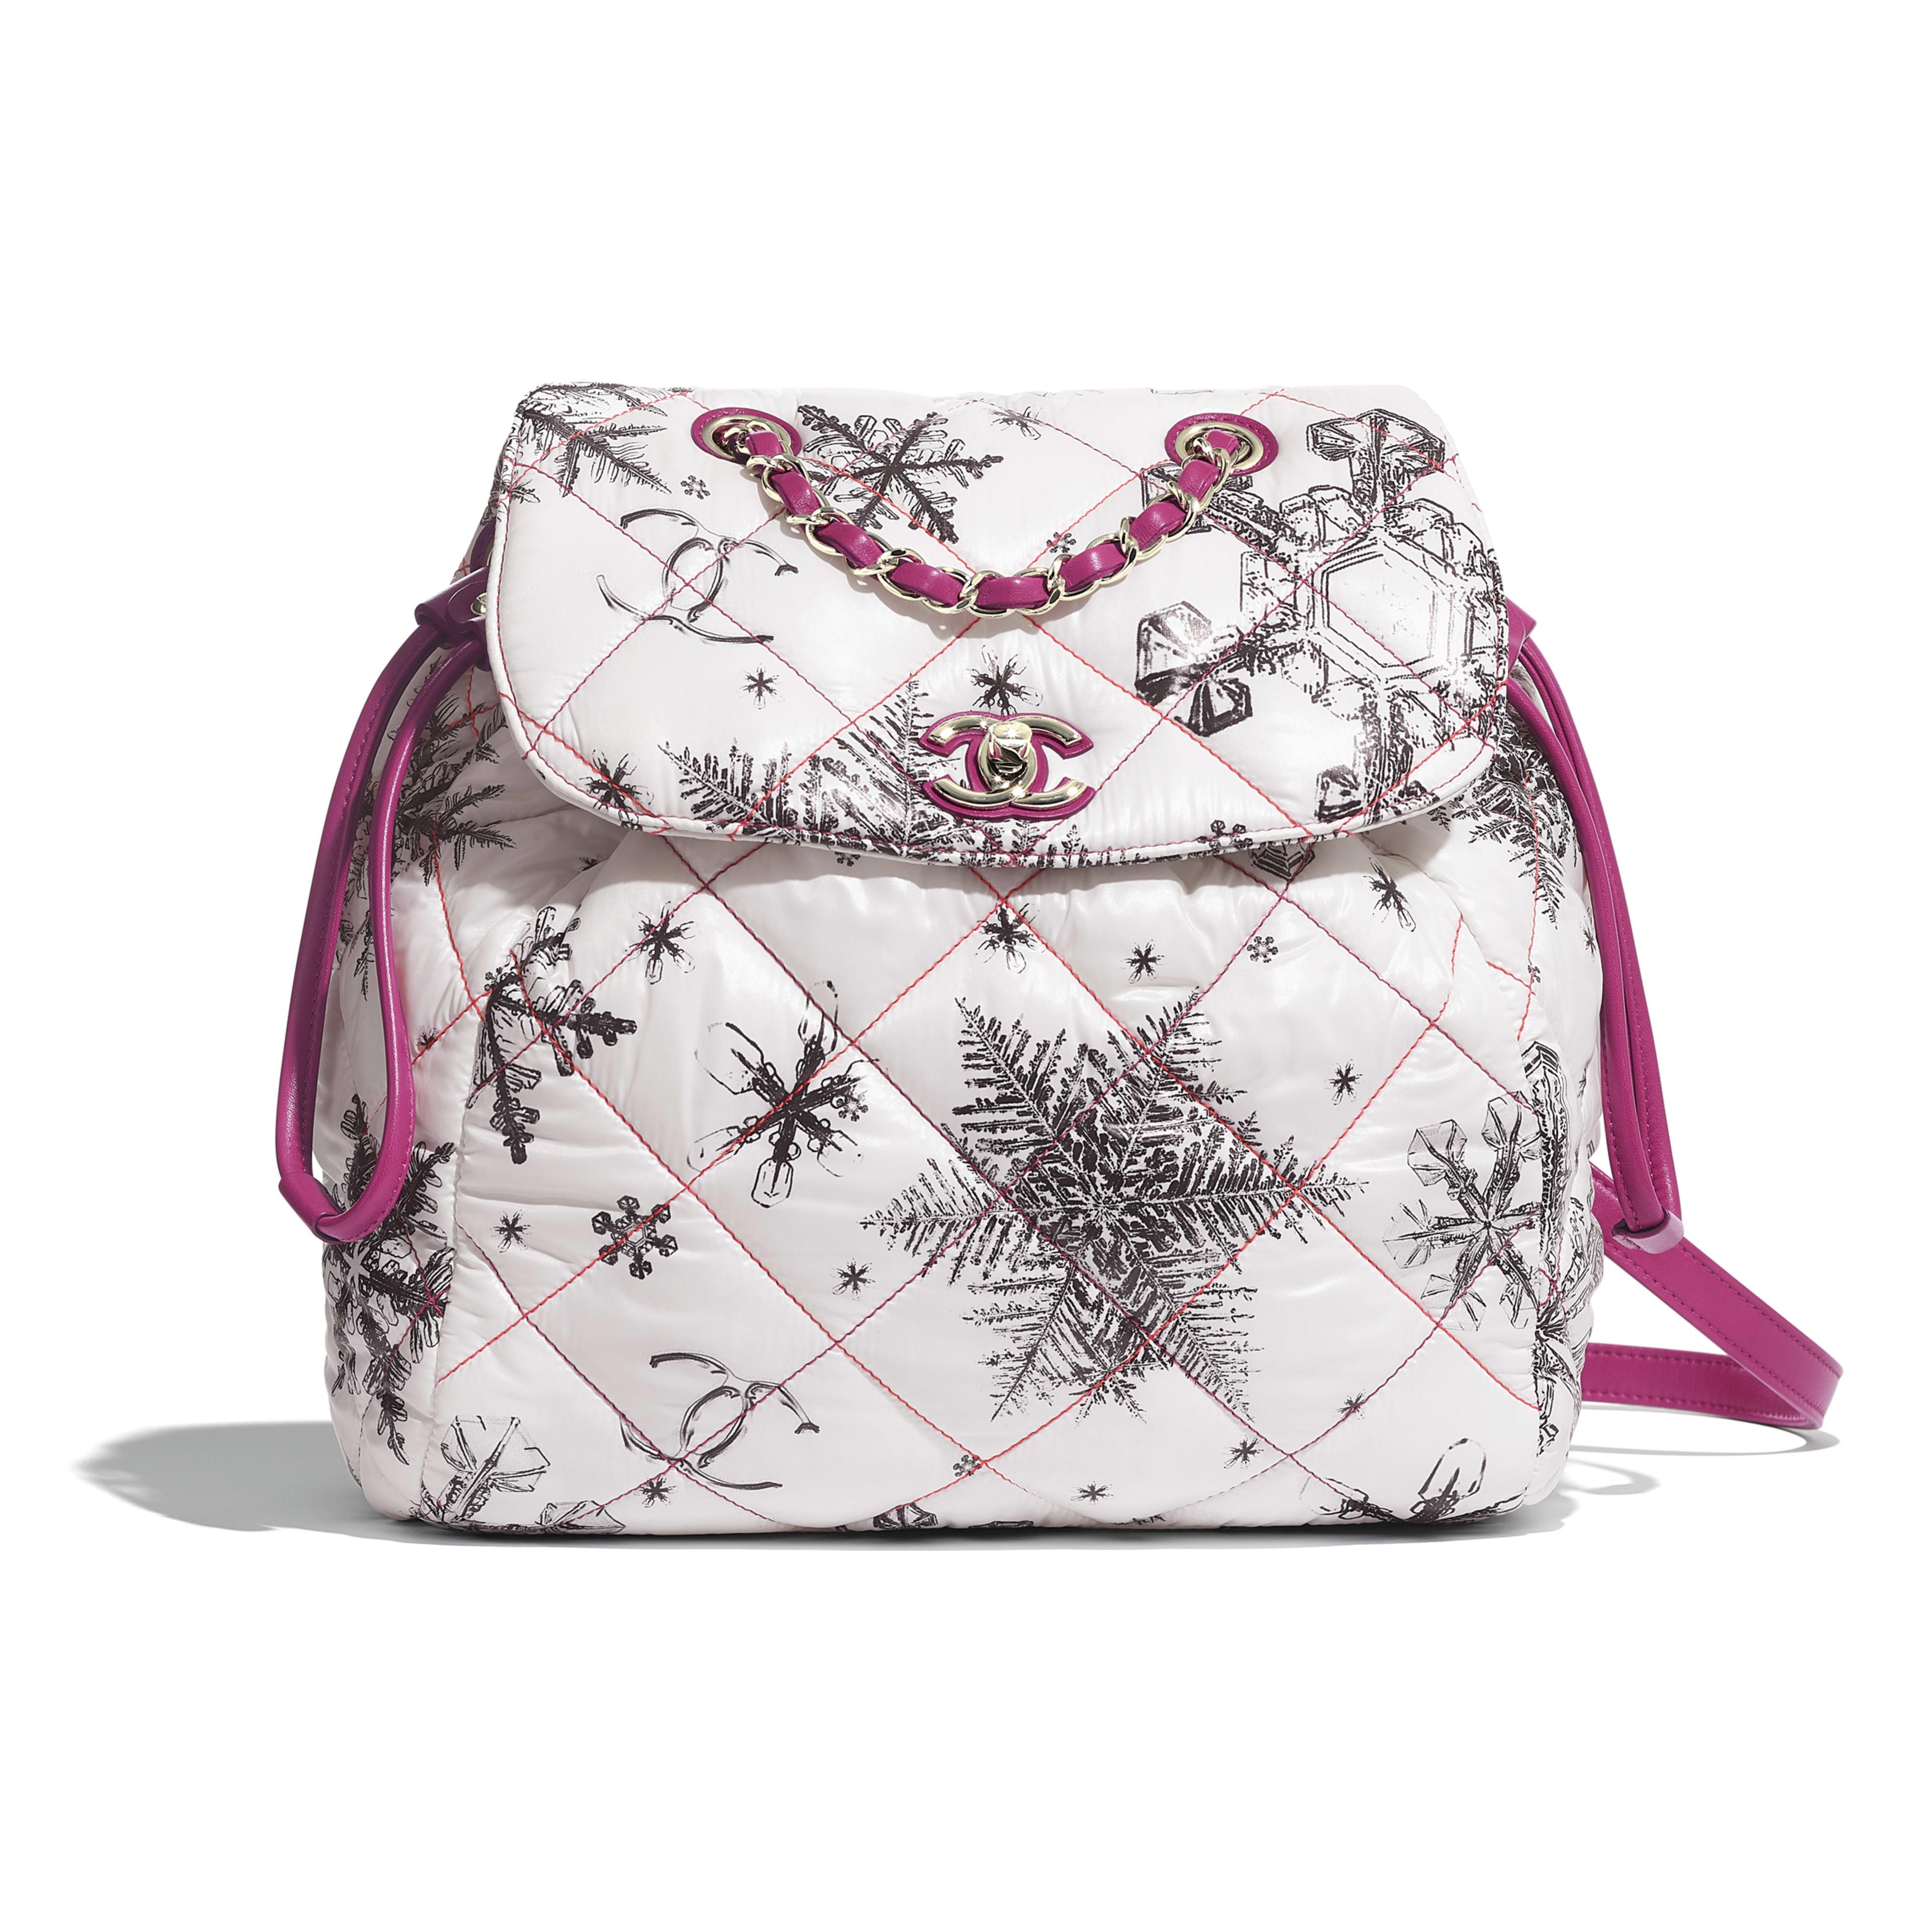 Рюкзак - Белый - Канва с принтом и золотистый металл - Вид по умолчанию - посмотреть полноразмерное изображение